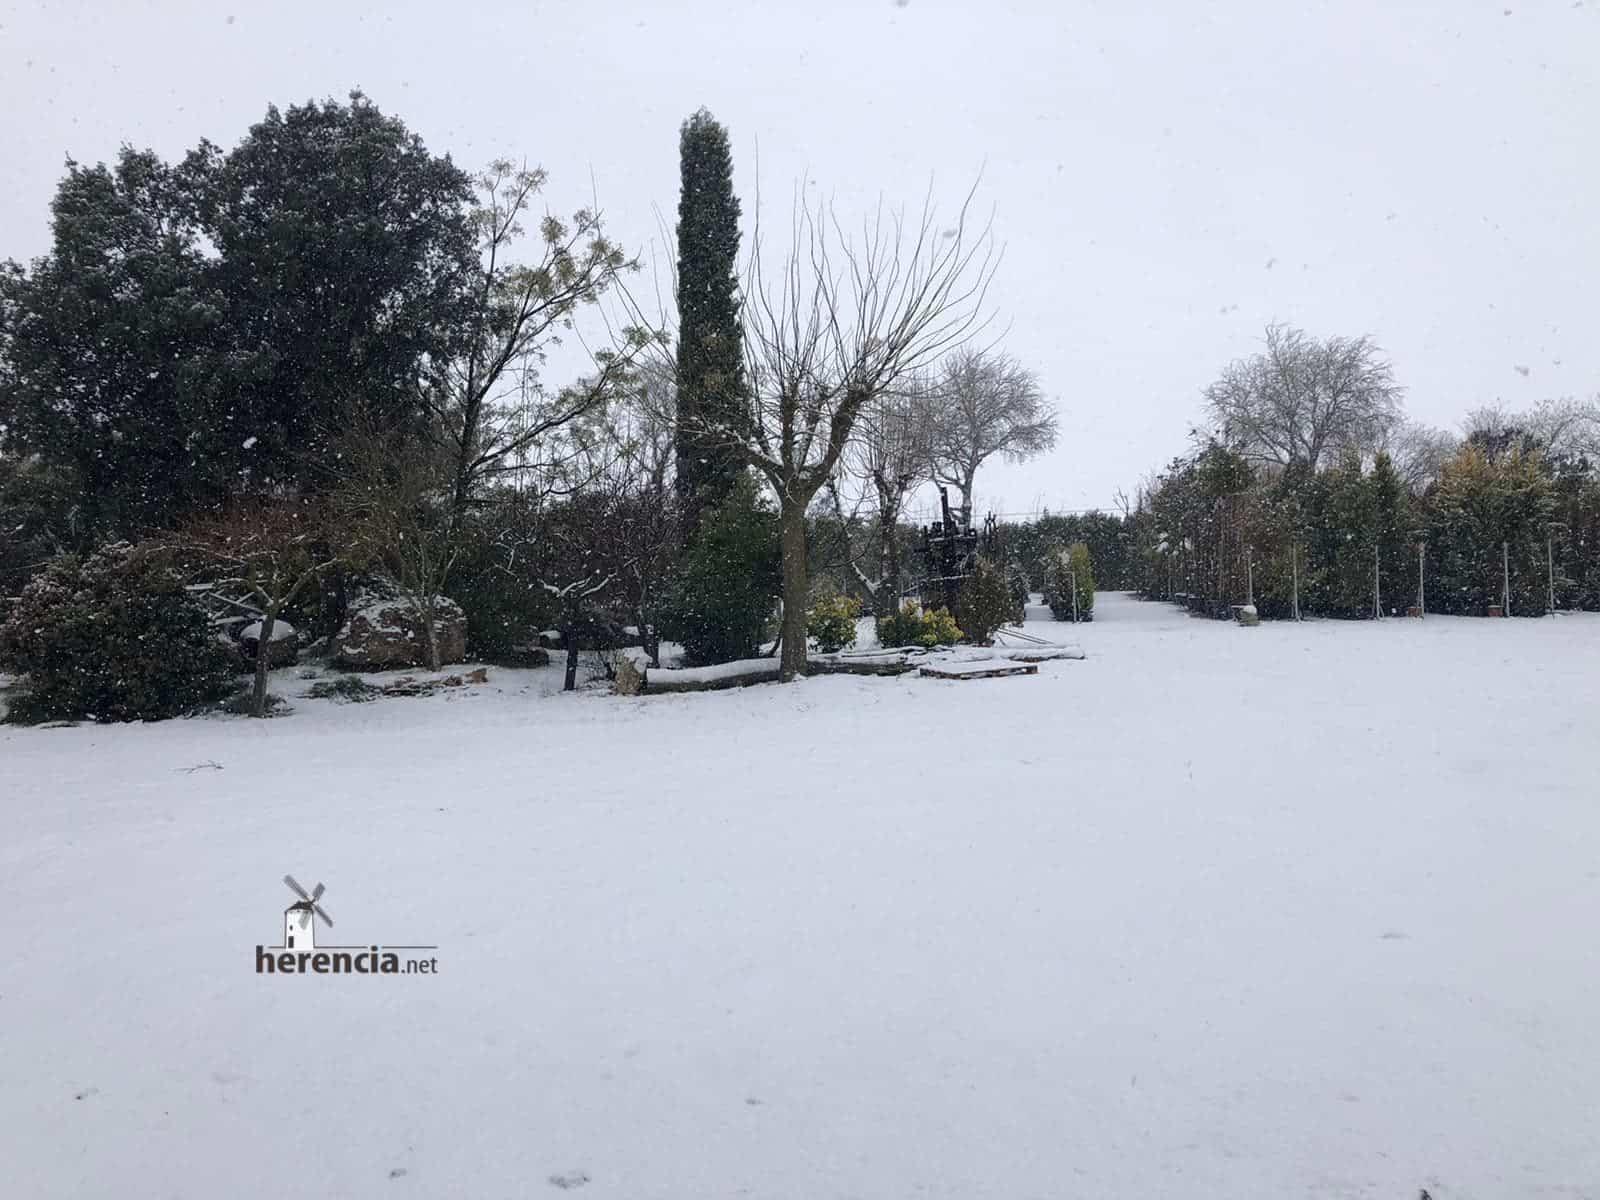 Las nevadas llegan Herencia y a toda Castilla-La Mancha (actualizado) 116